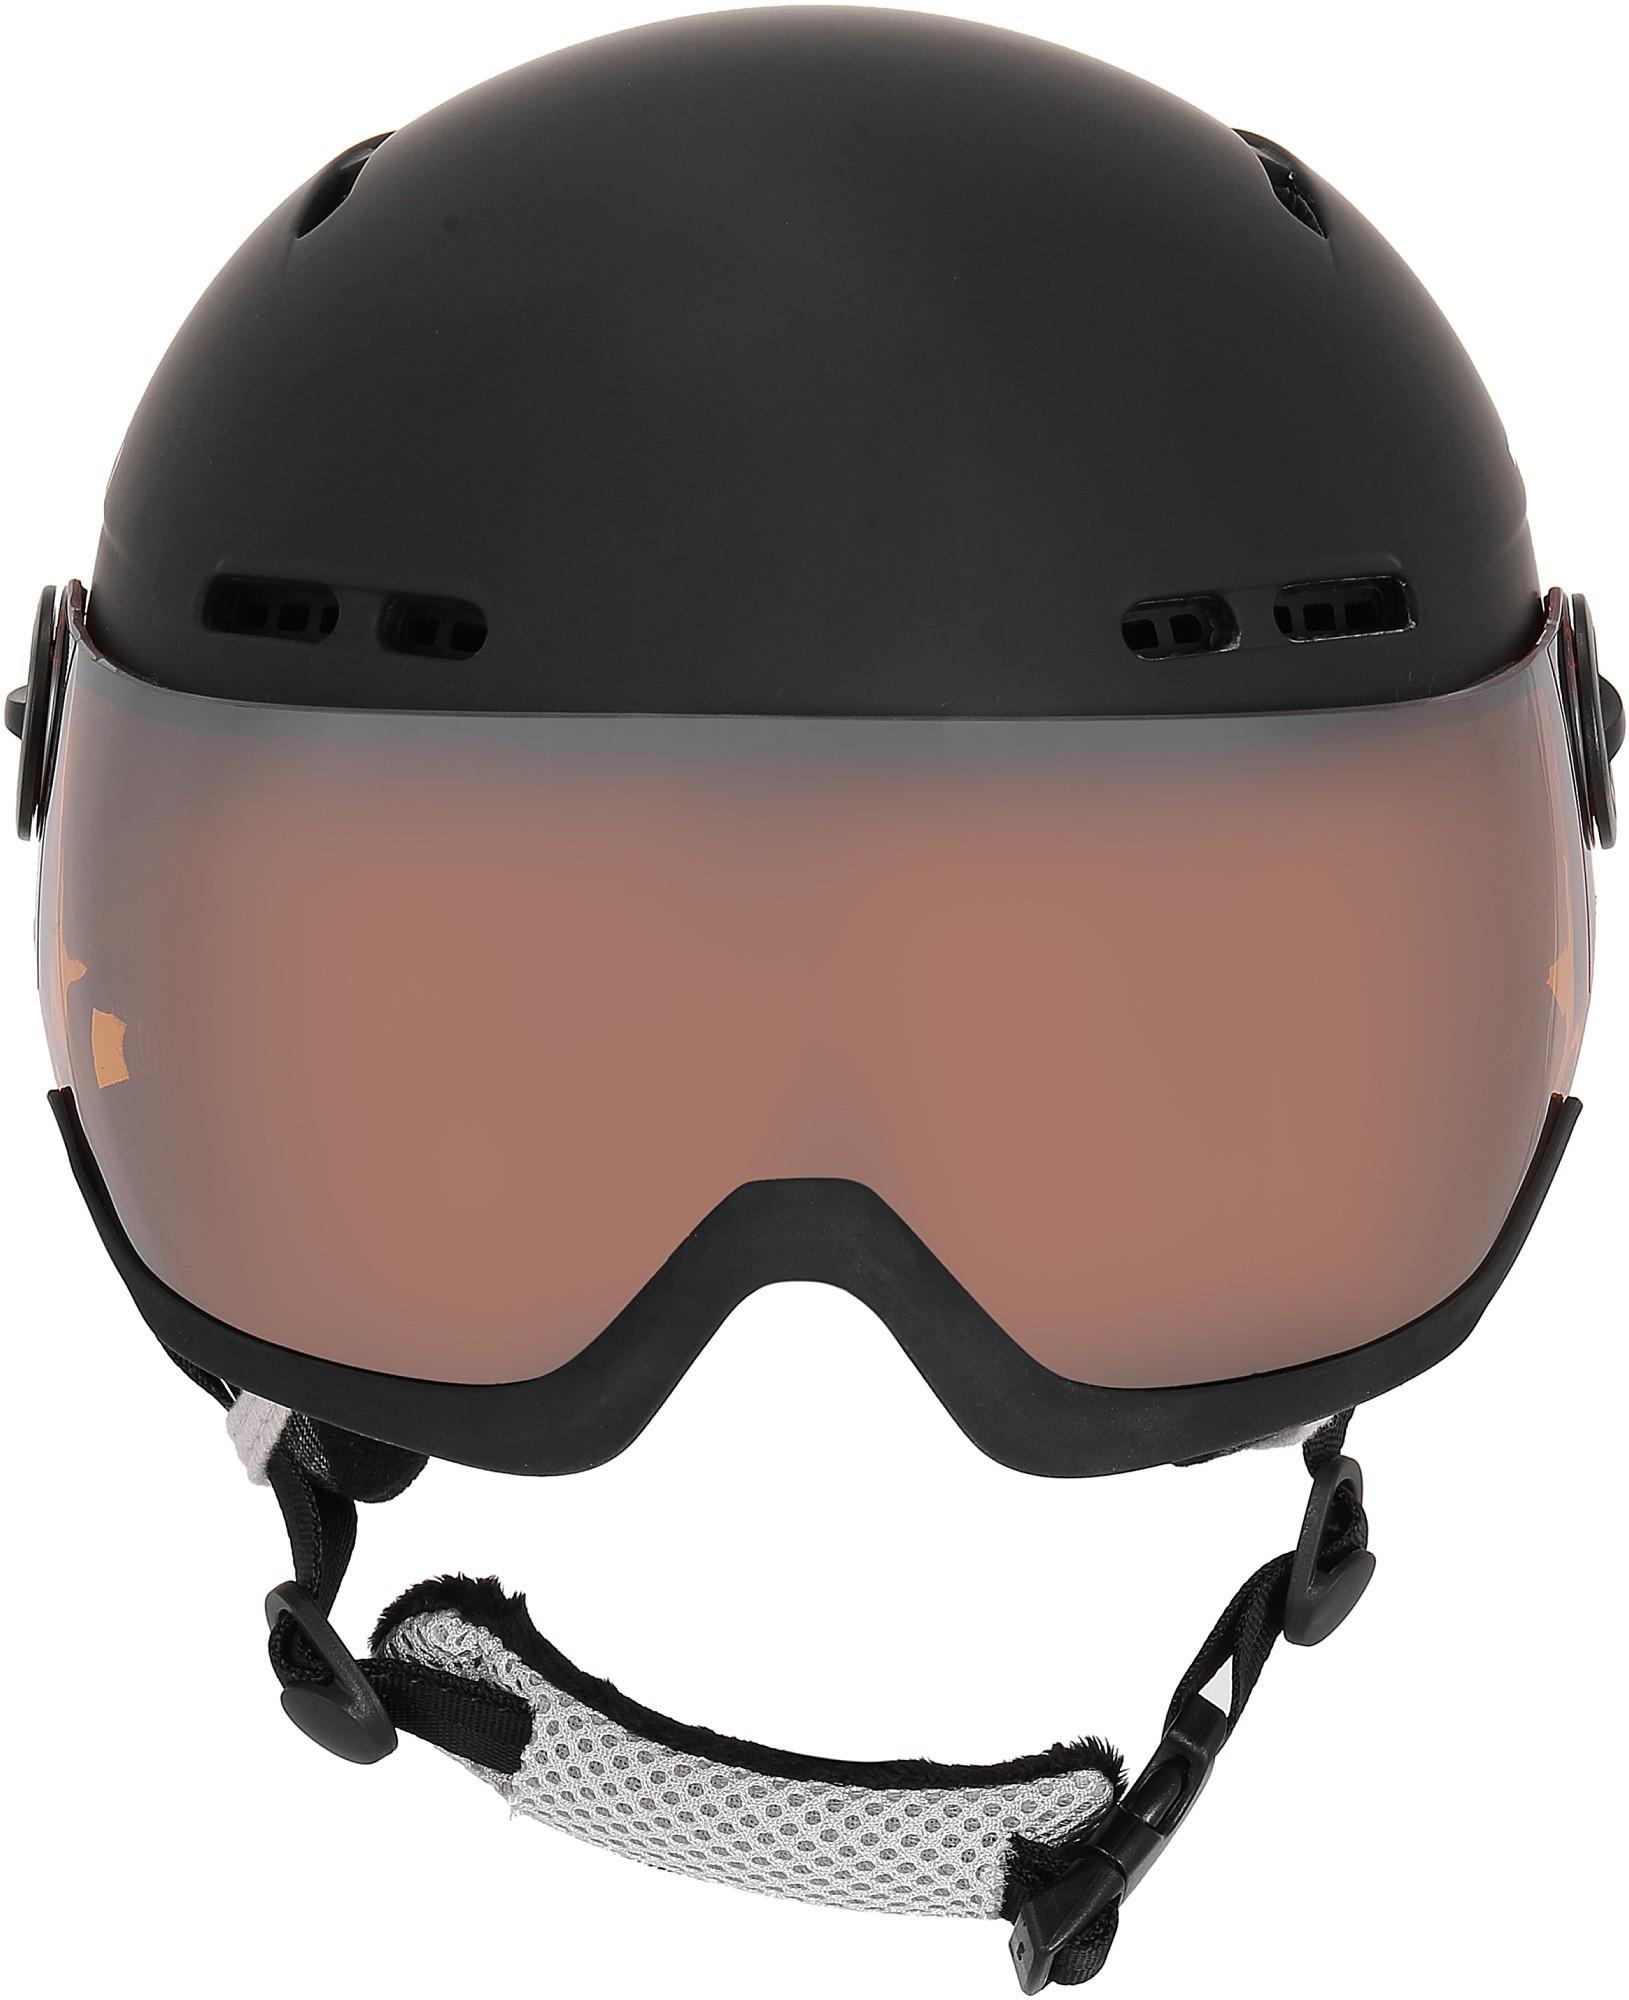 Kask narciarski Tenson NANO VISOR, czarny M